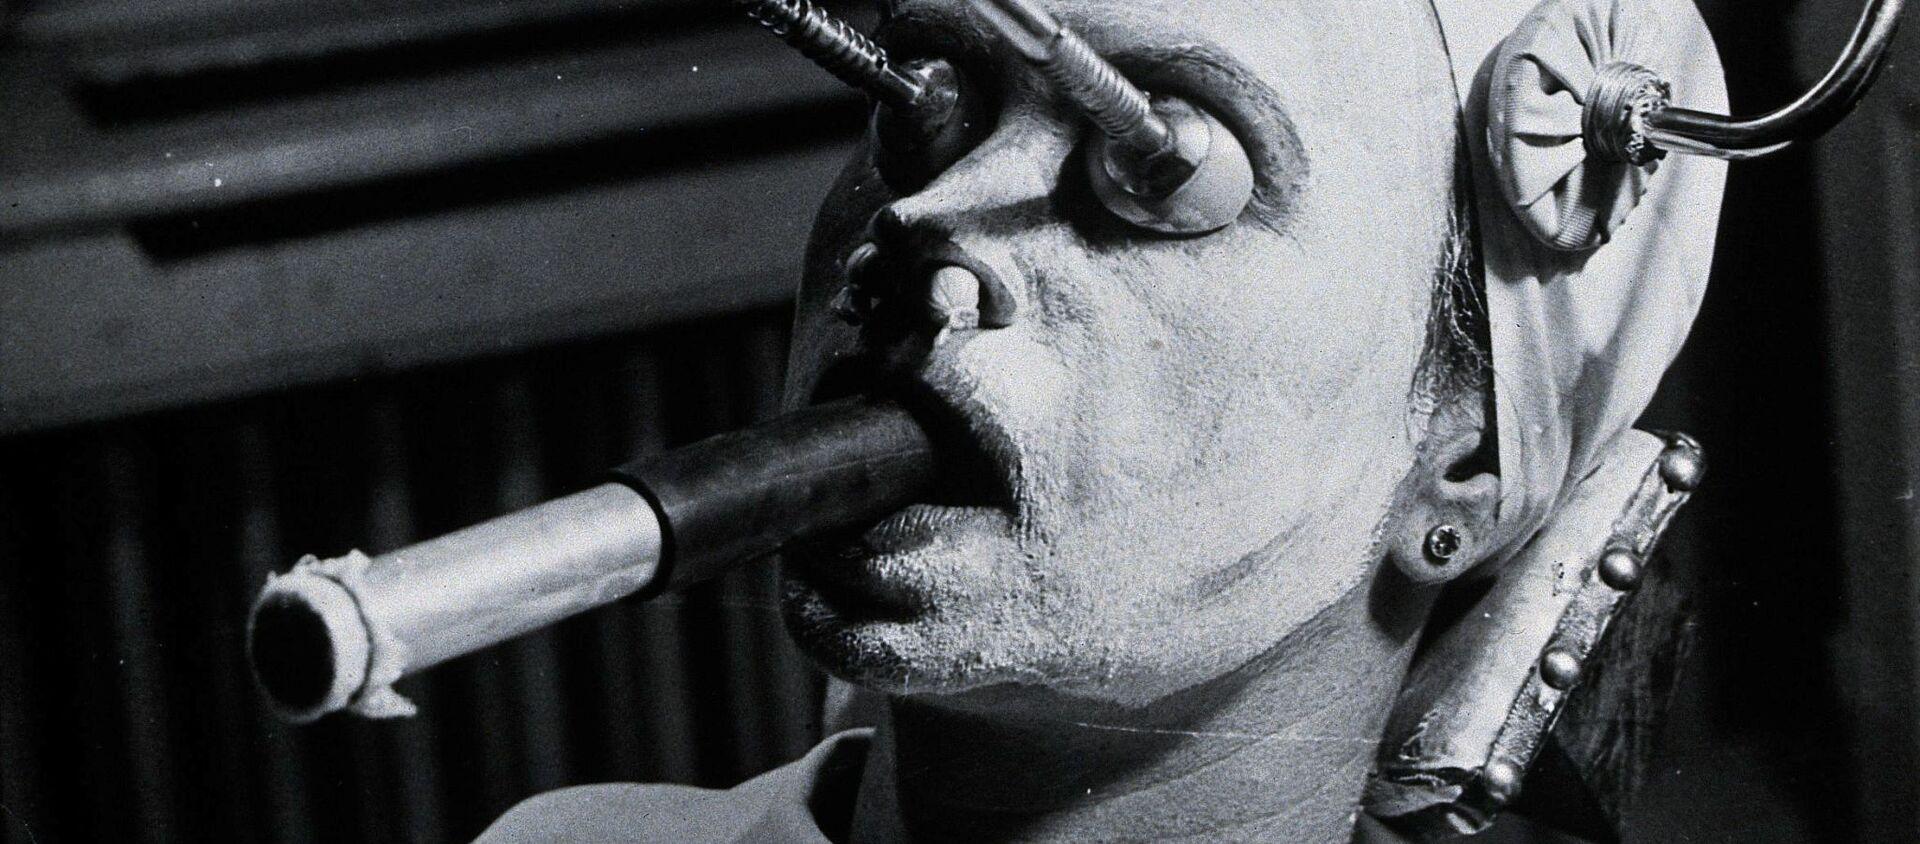 Una struttura metallica viene utilizzata durante il peeling per rimuovere le lentiggini, uno speciale tubo di respirazione viene inserito in bocca durante la procedura.  Ungheria. - Sputnik Italia, 1920, 08.03.2021